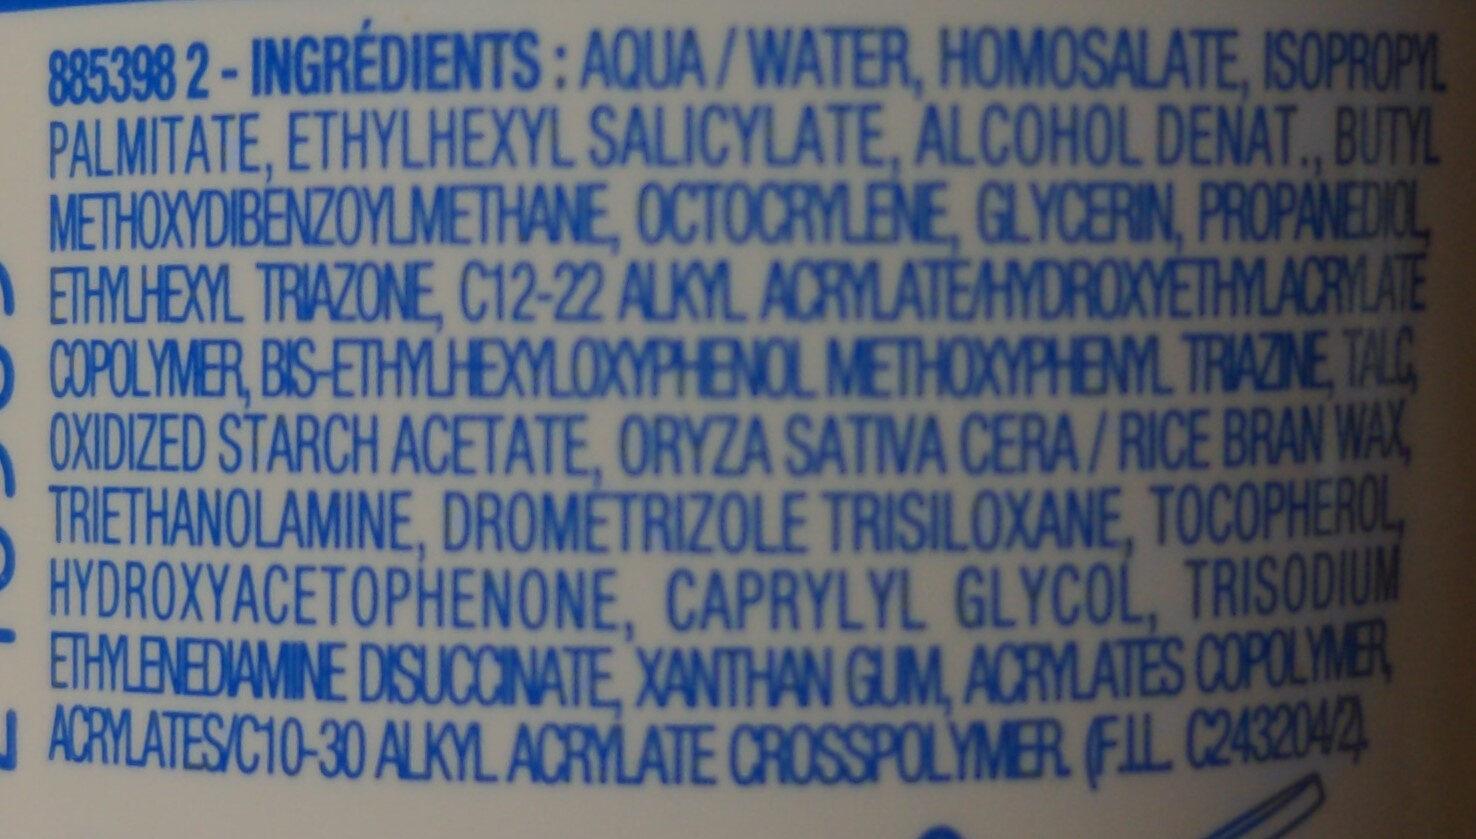 Mixa solaire peau sensible SPF 30 - Ingrédients - fr